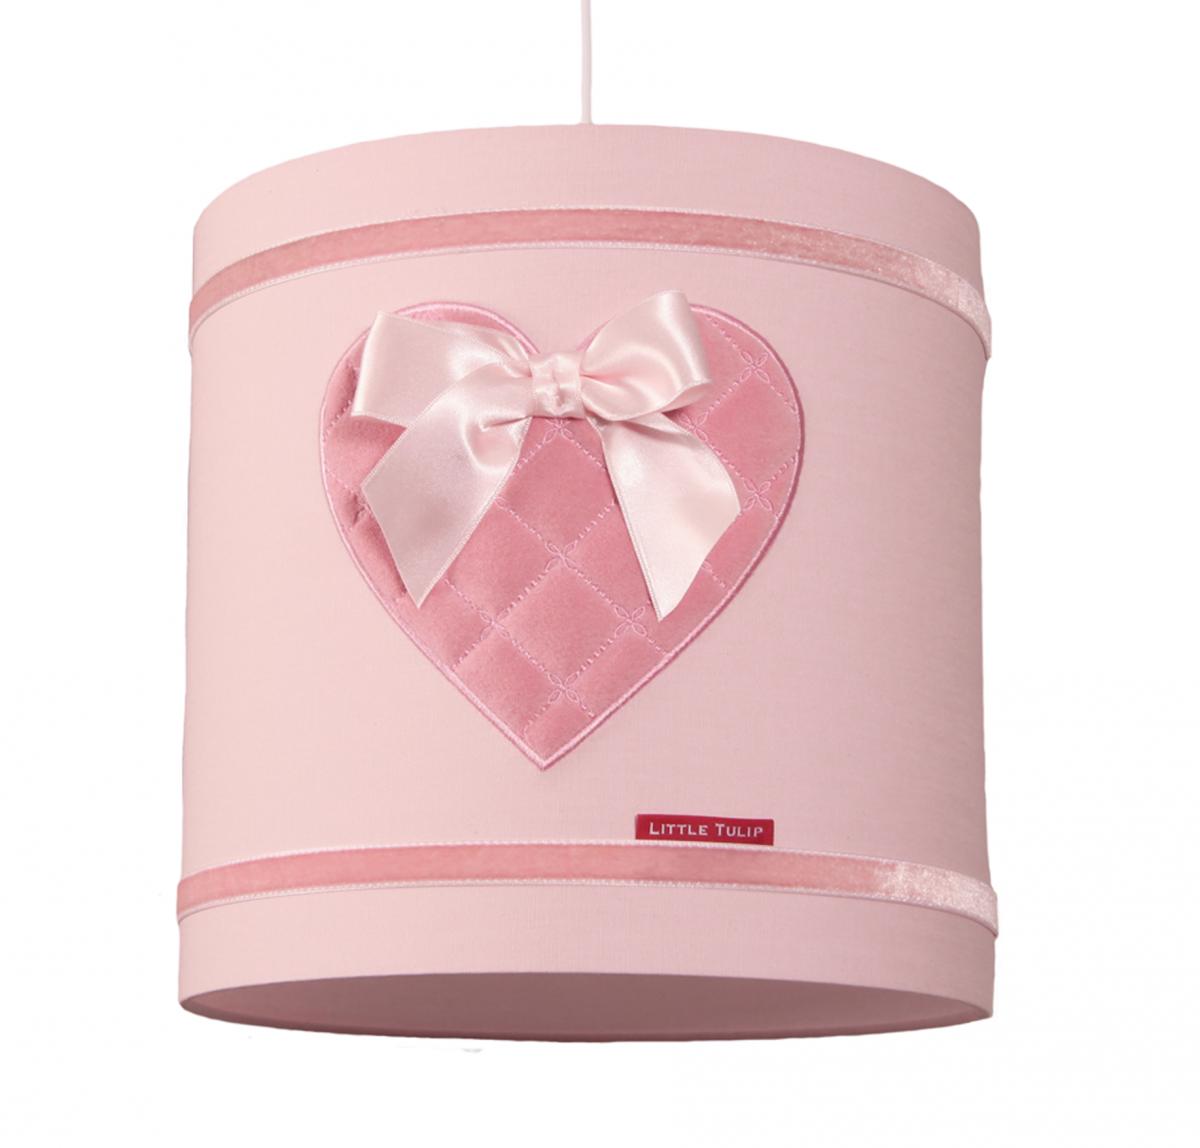 Little Tulip eco Hanglamp lamp roze hart luxe exclusief kinderkamer babykamer lamp  babyuitzet lief oudroze